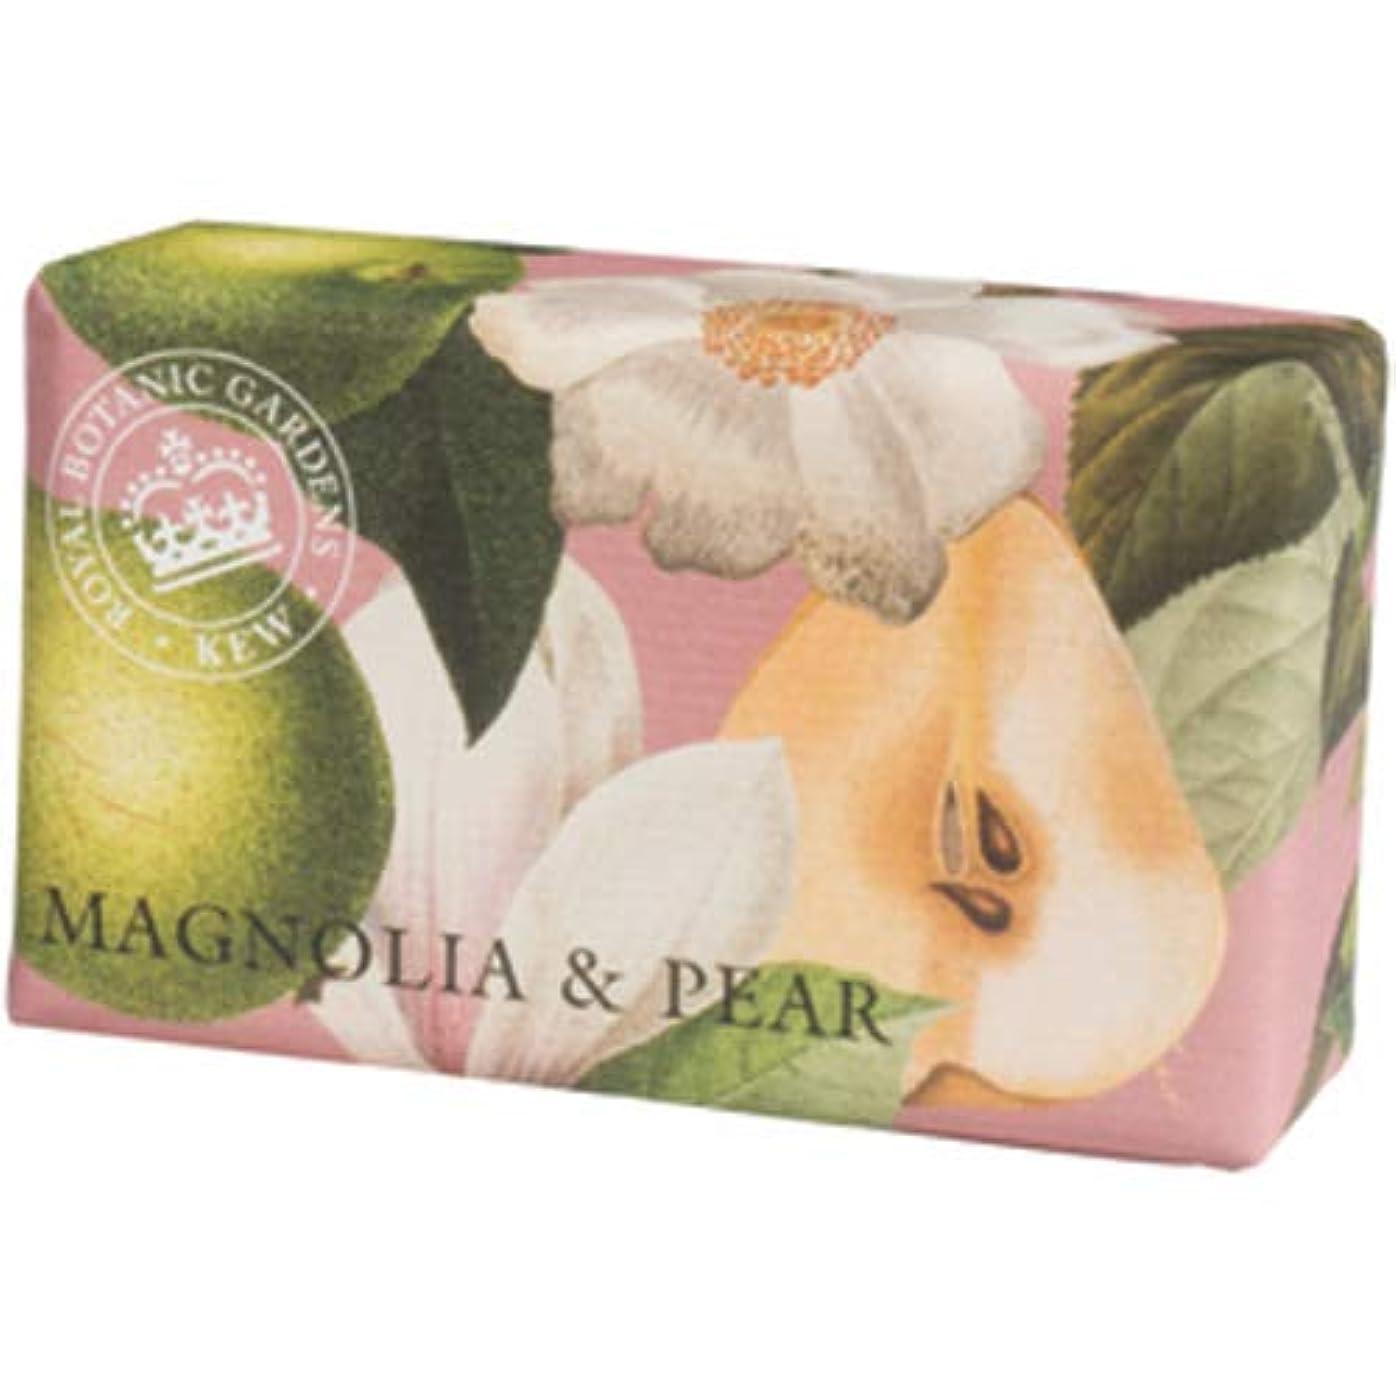 王室発表するEnglish Soap Company イングリッシュソープカンパニー KEW GARDEN キュー?ガーデン Luxury Shea Soaps シアソープ Magnolia & Pear マグノリア&ペア